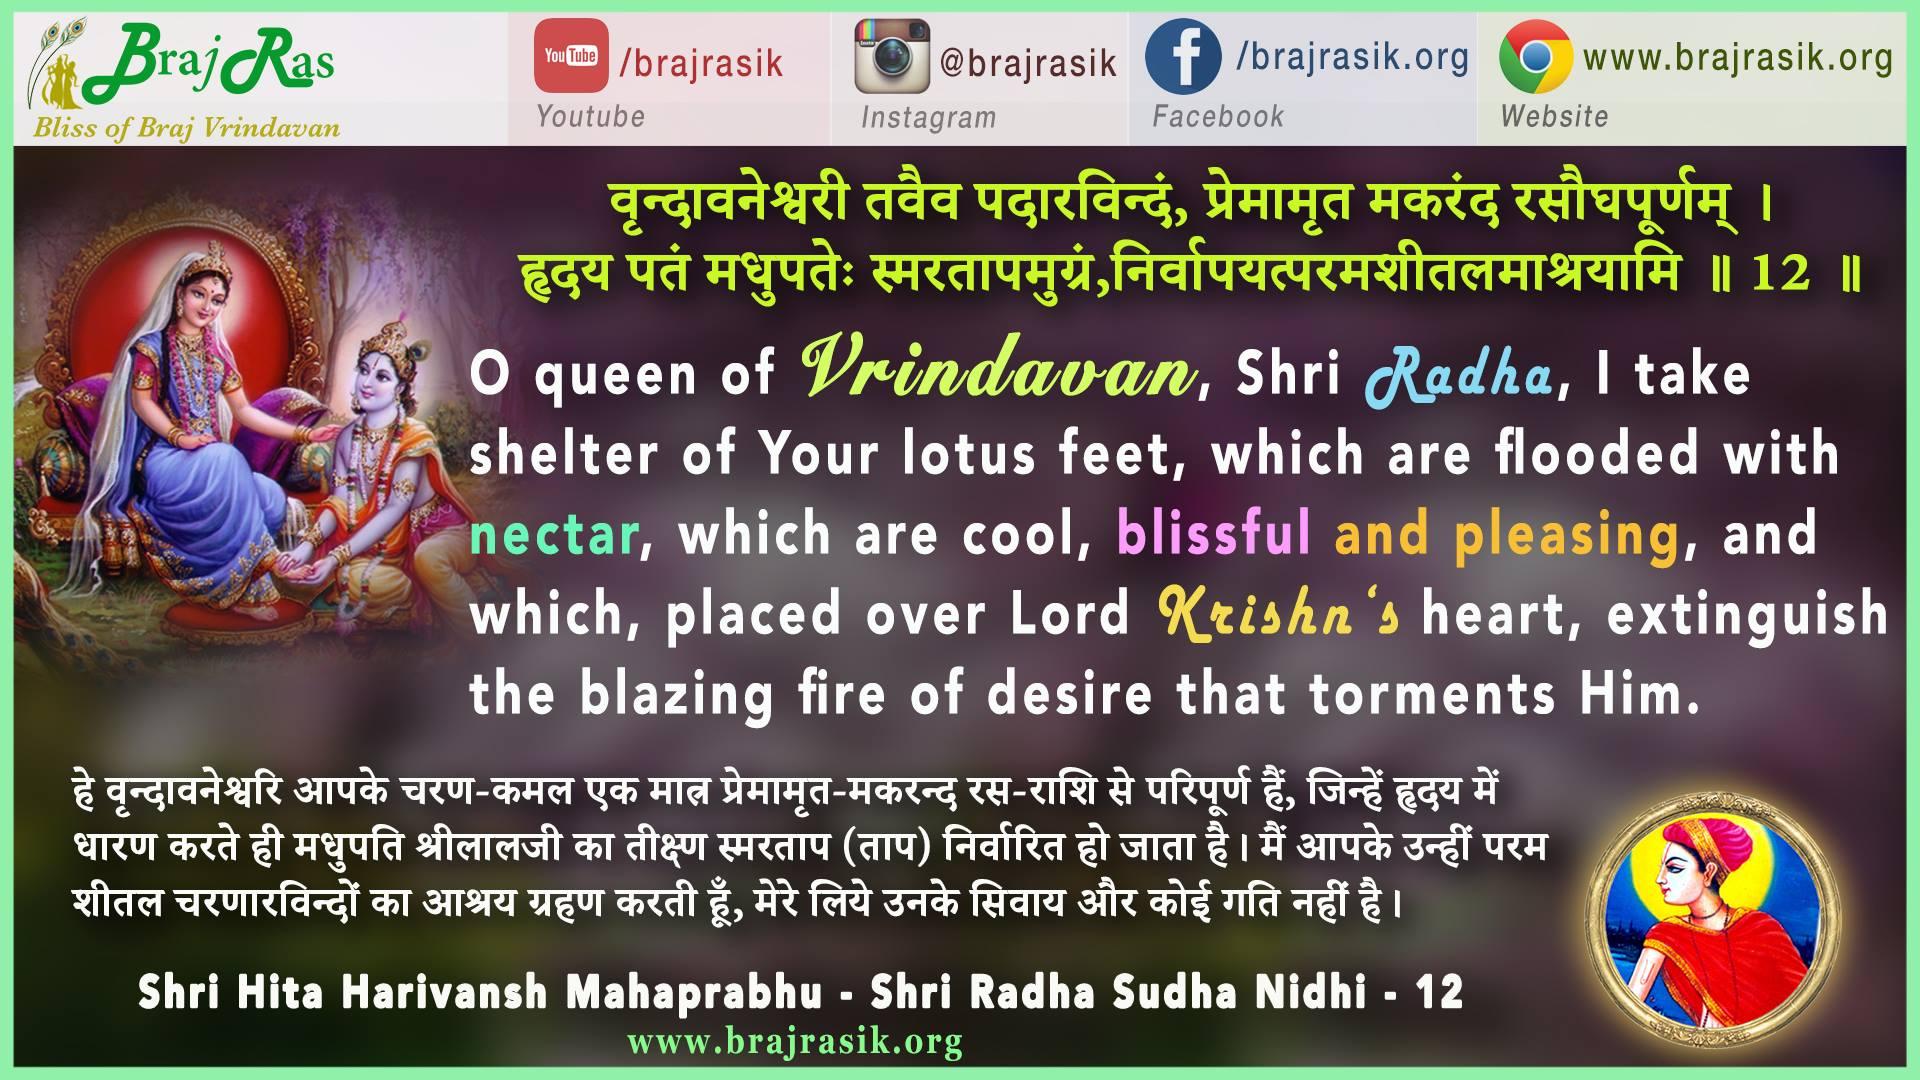 Vrindavaneshwari Tavev Padarvindam - Shri Hita Harivansh Mahaprabhu - Shri Radha Sudha Nidhi